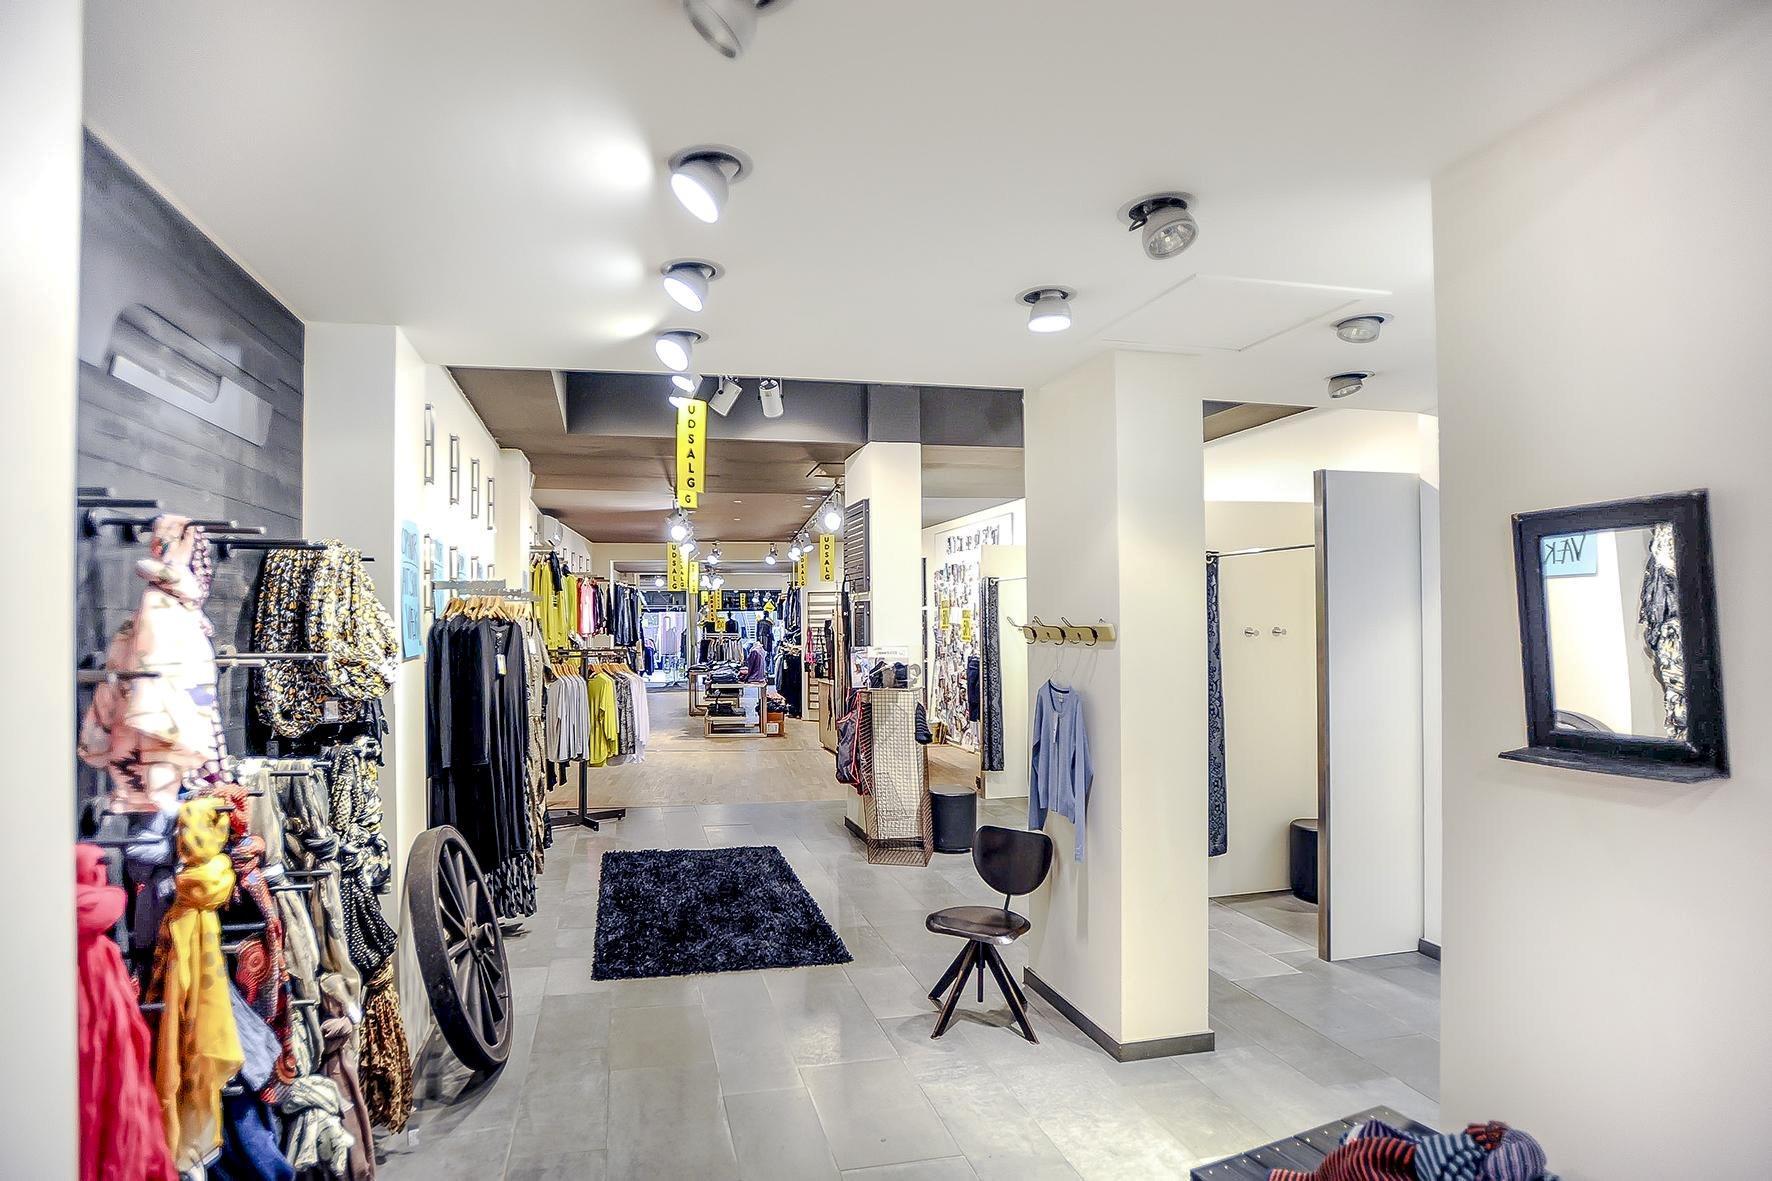 Bolig/erhverv på Perlegade i Sønderborg - Butikslokale